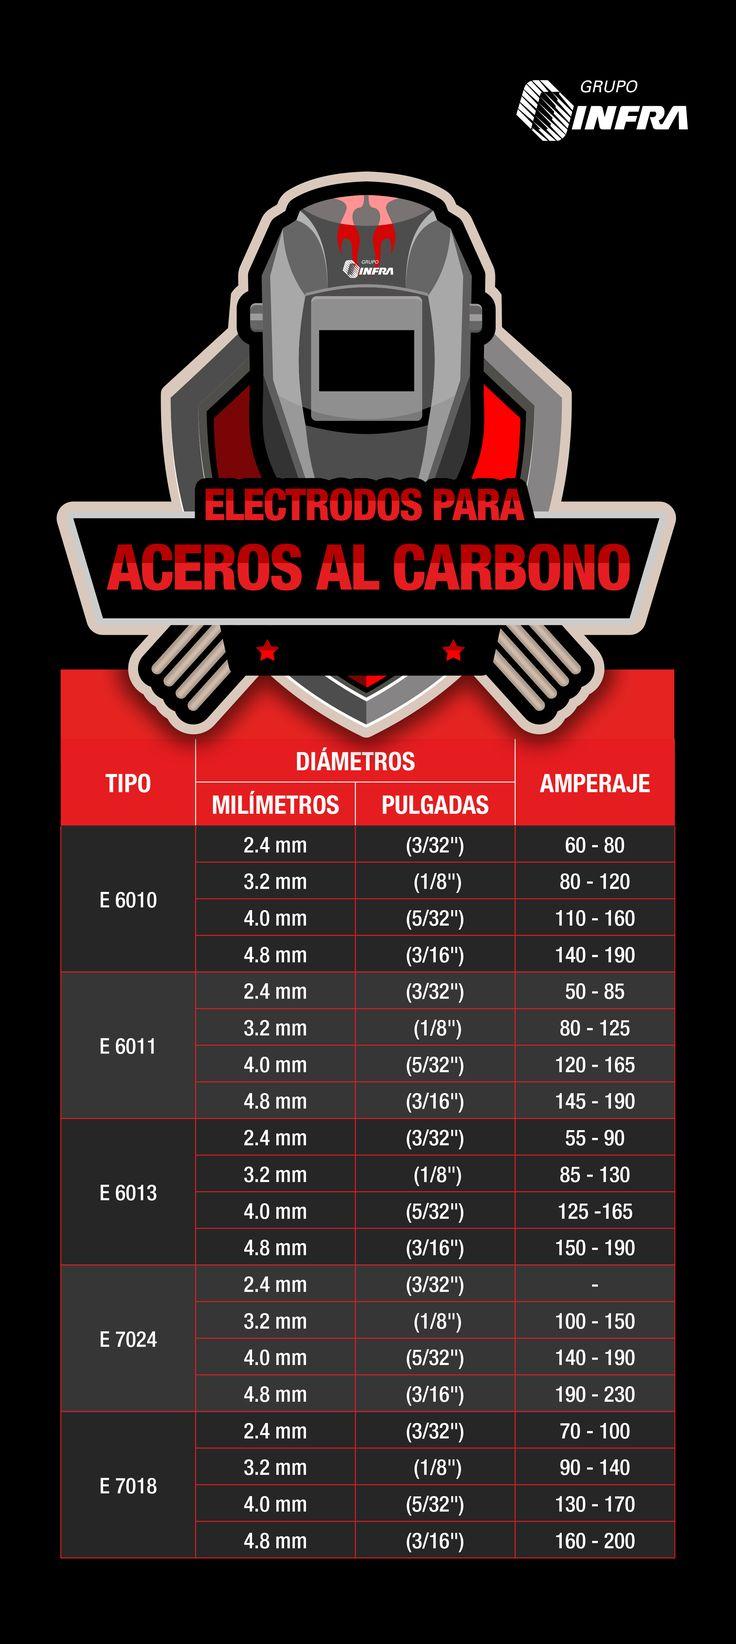 ¿Sabes qué amperaje requiere tu electrodo para soldar aceros al carbono? Te compartimos esta guía #GrupoINFRA #welding #electrodos #acerosalcarbono #infographic #infografia